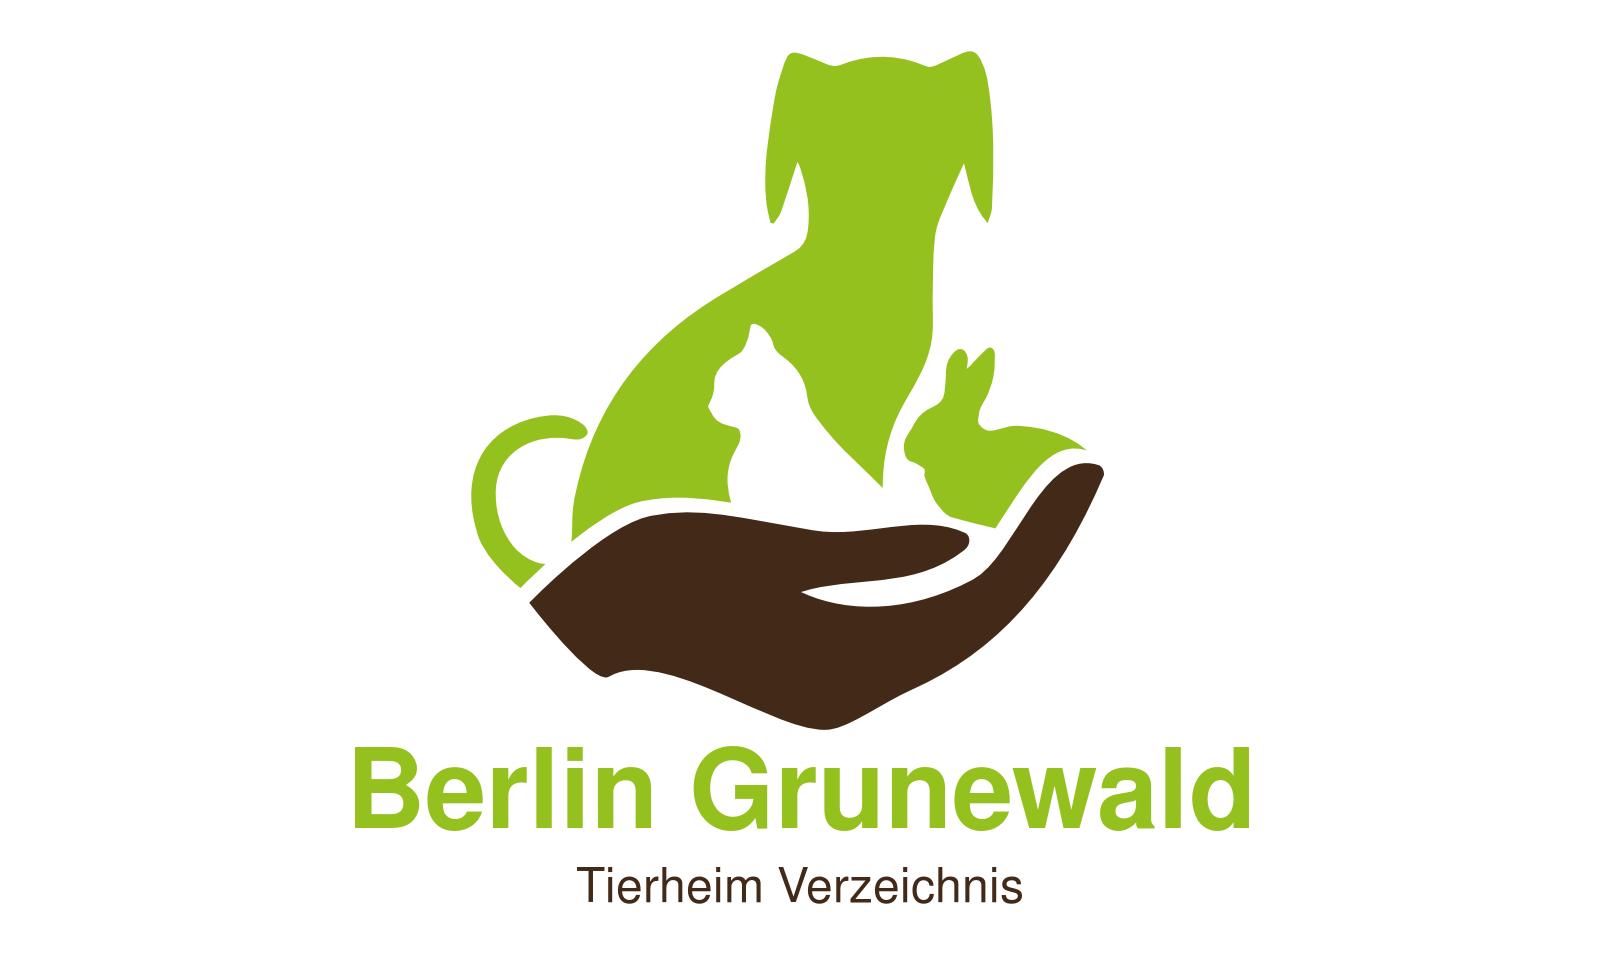 Tierheim Berlin Grunewald